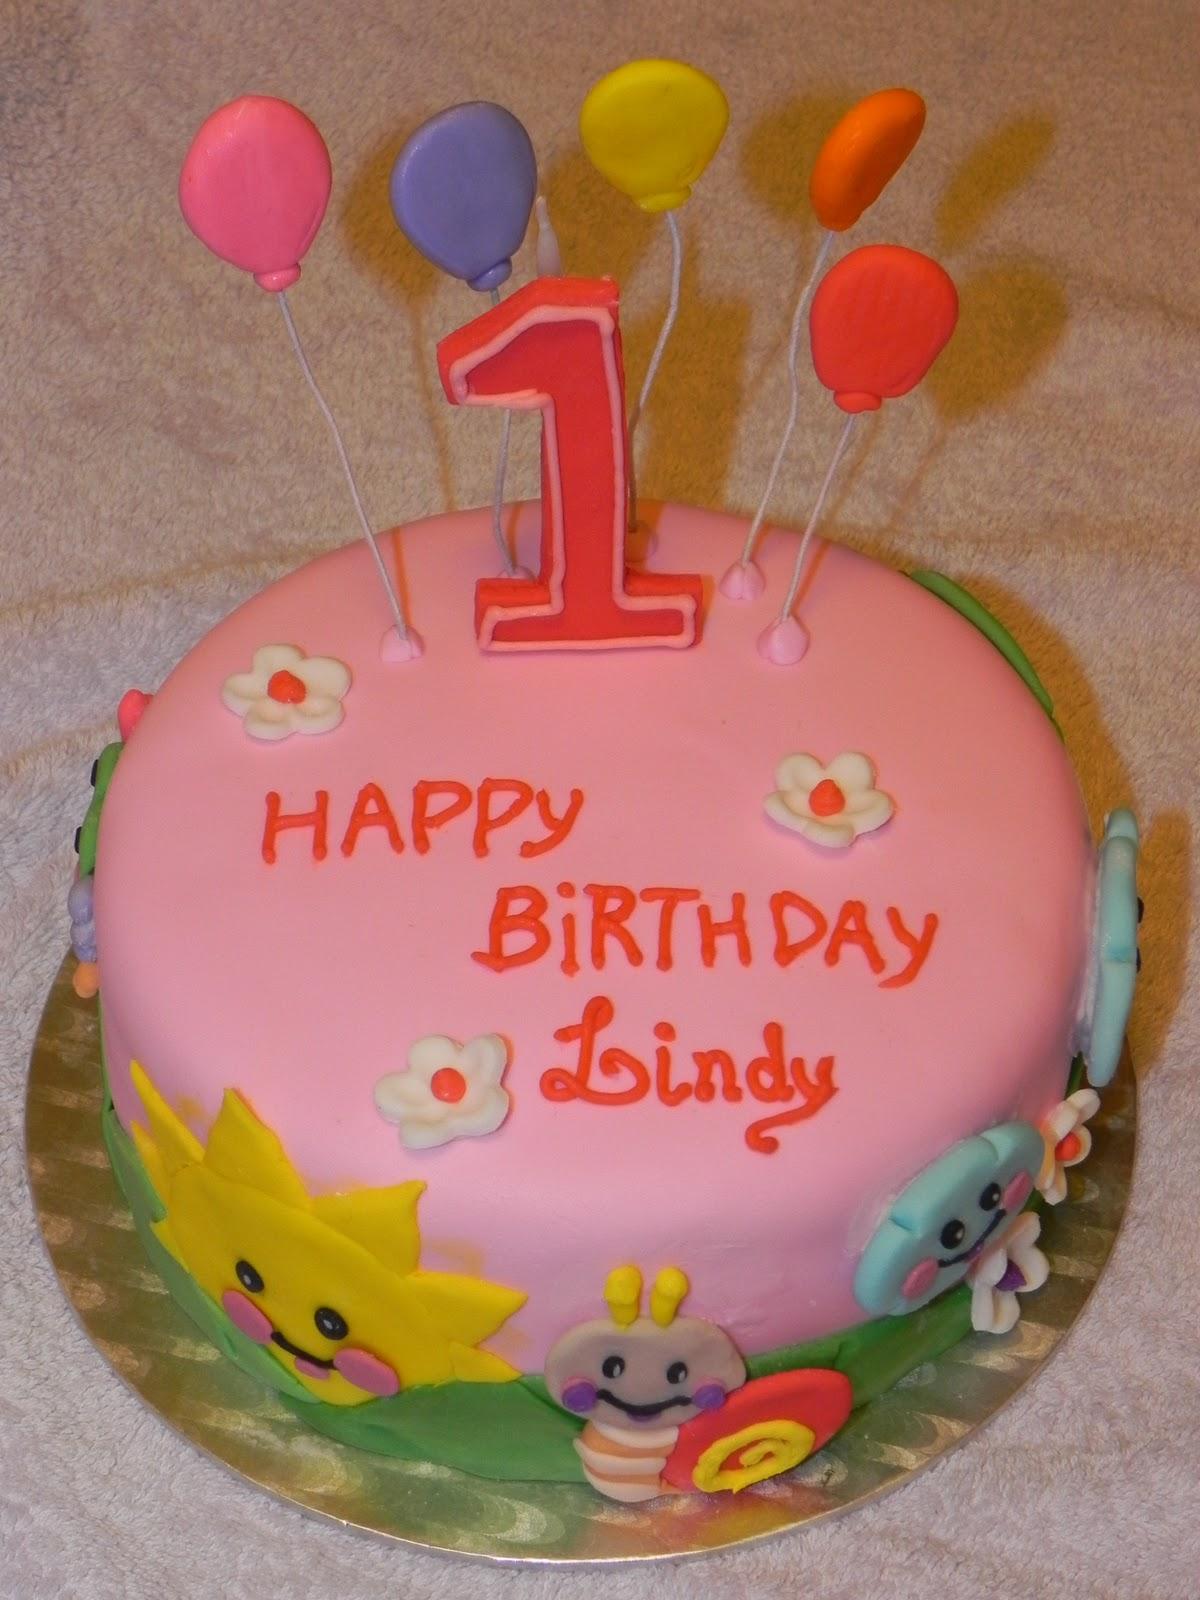 Birthday Cake Images With Name Sunny : Andrea Koyama Cake Designer: 1st Birthday CAKE !! Happy ...